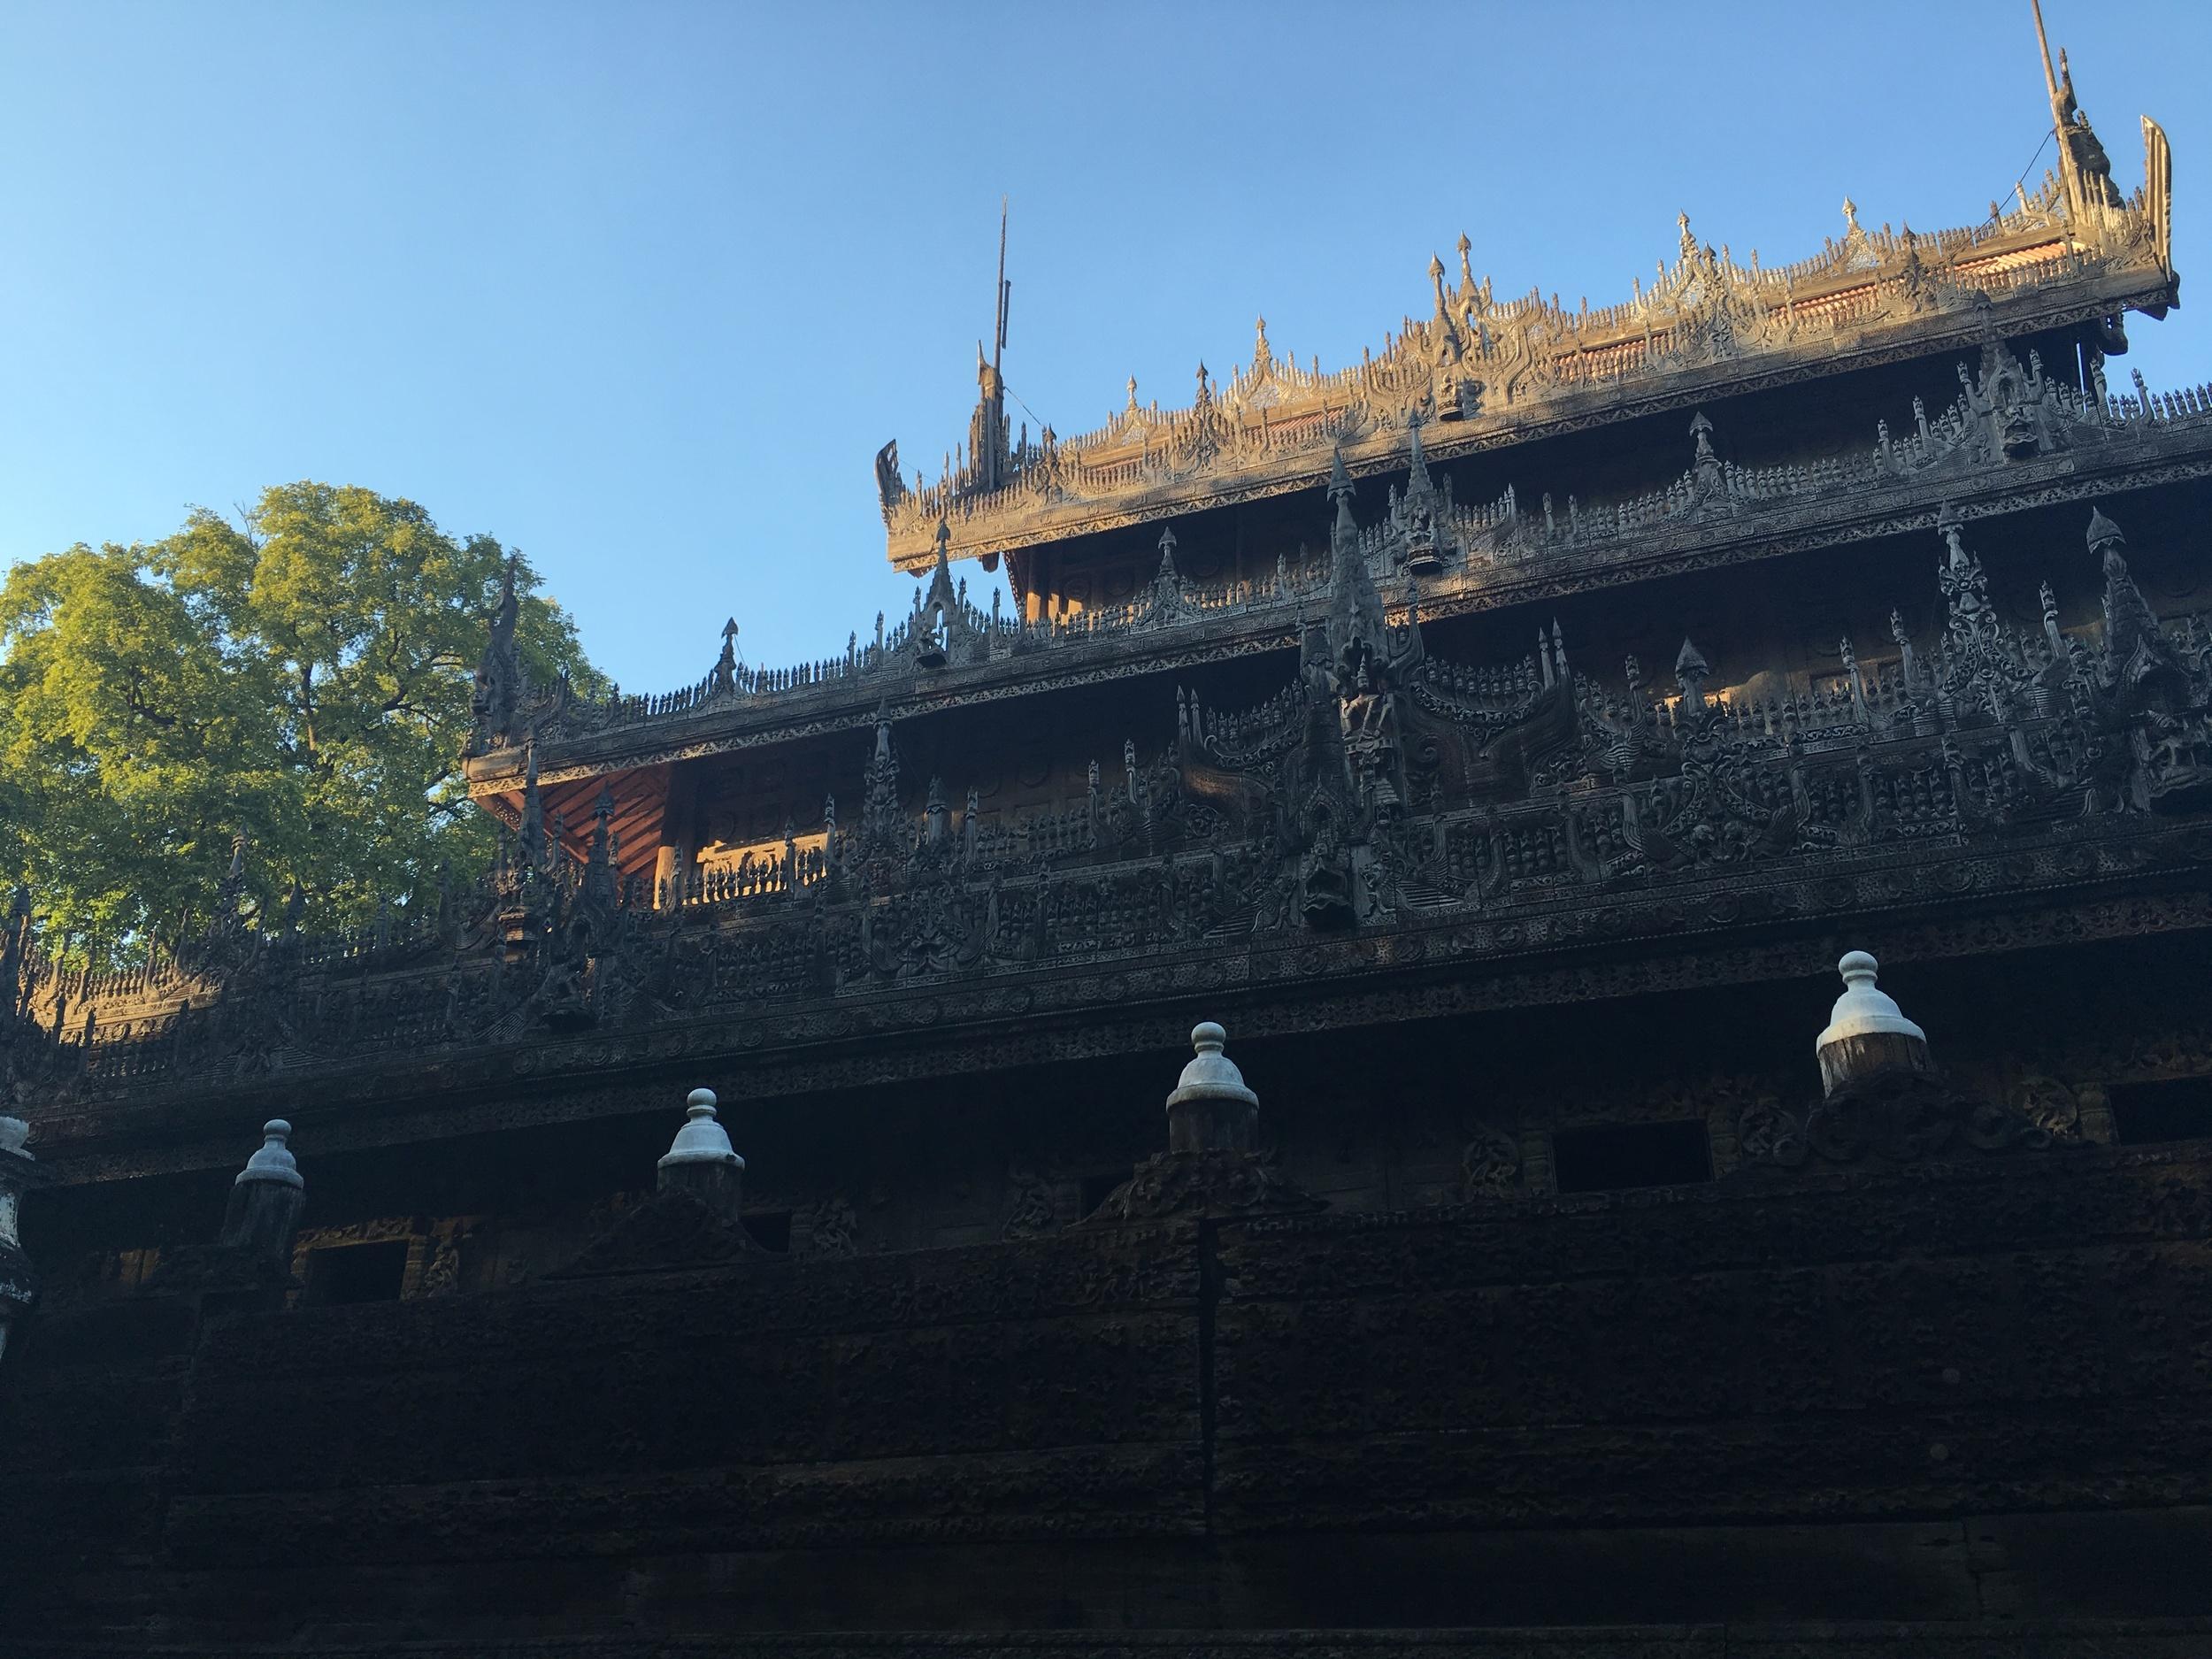 Shwenendaw Monastery